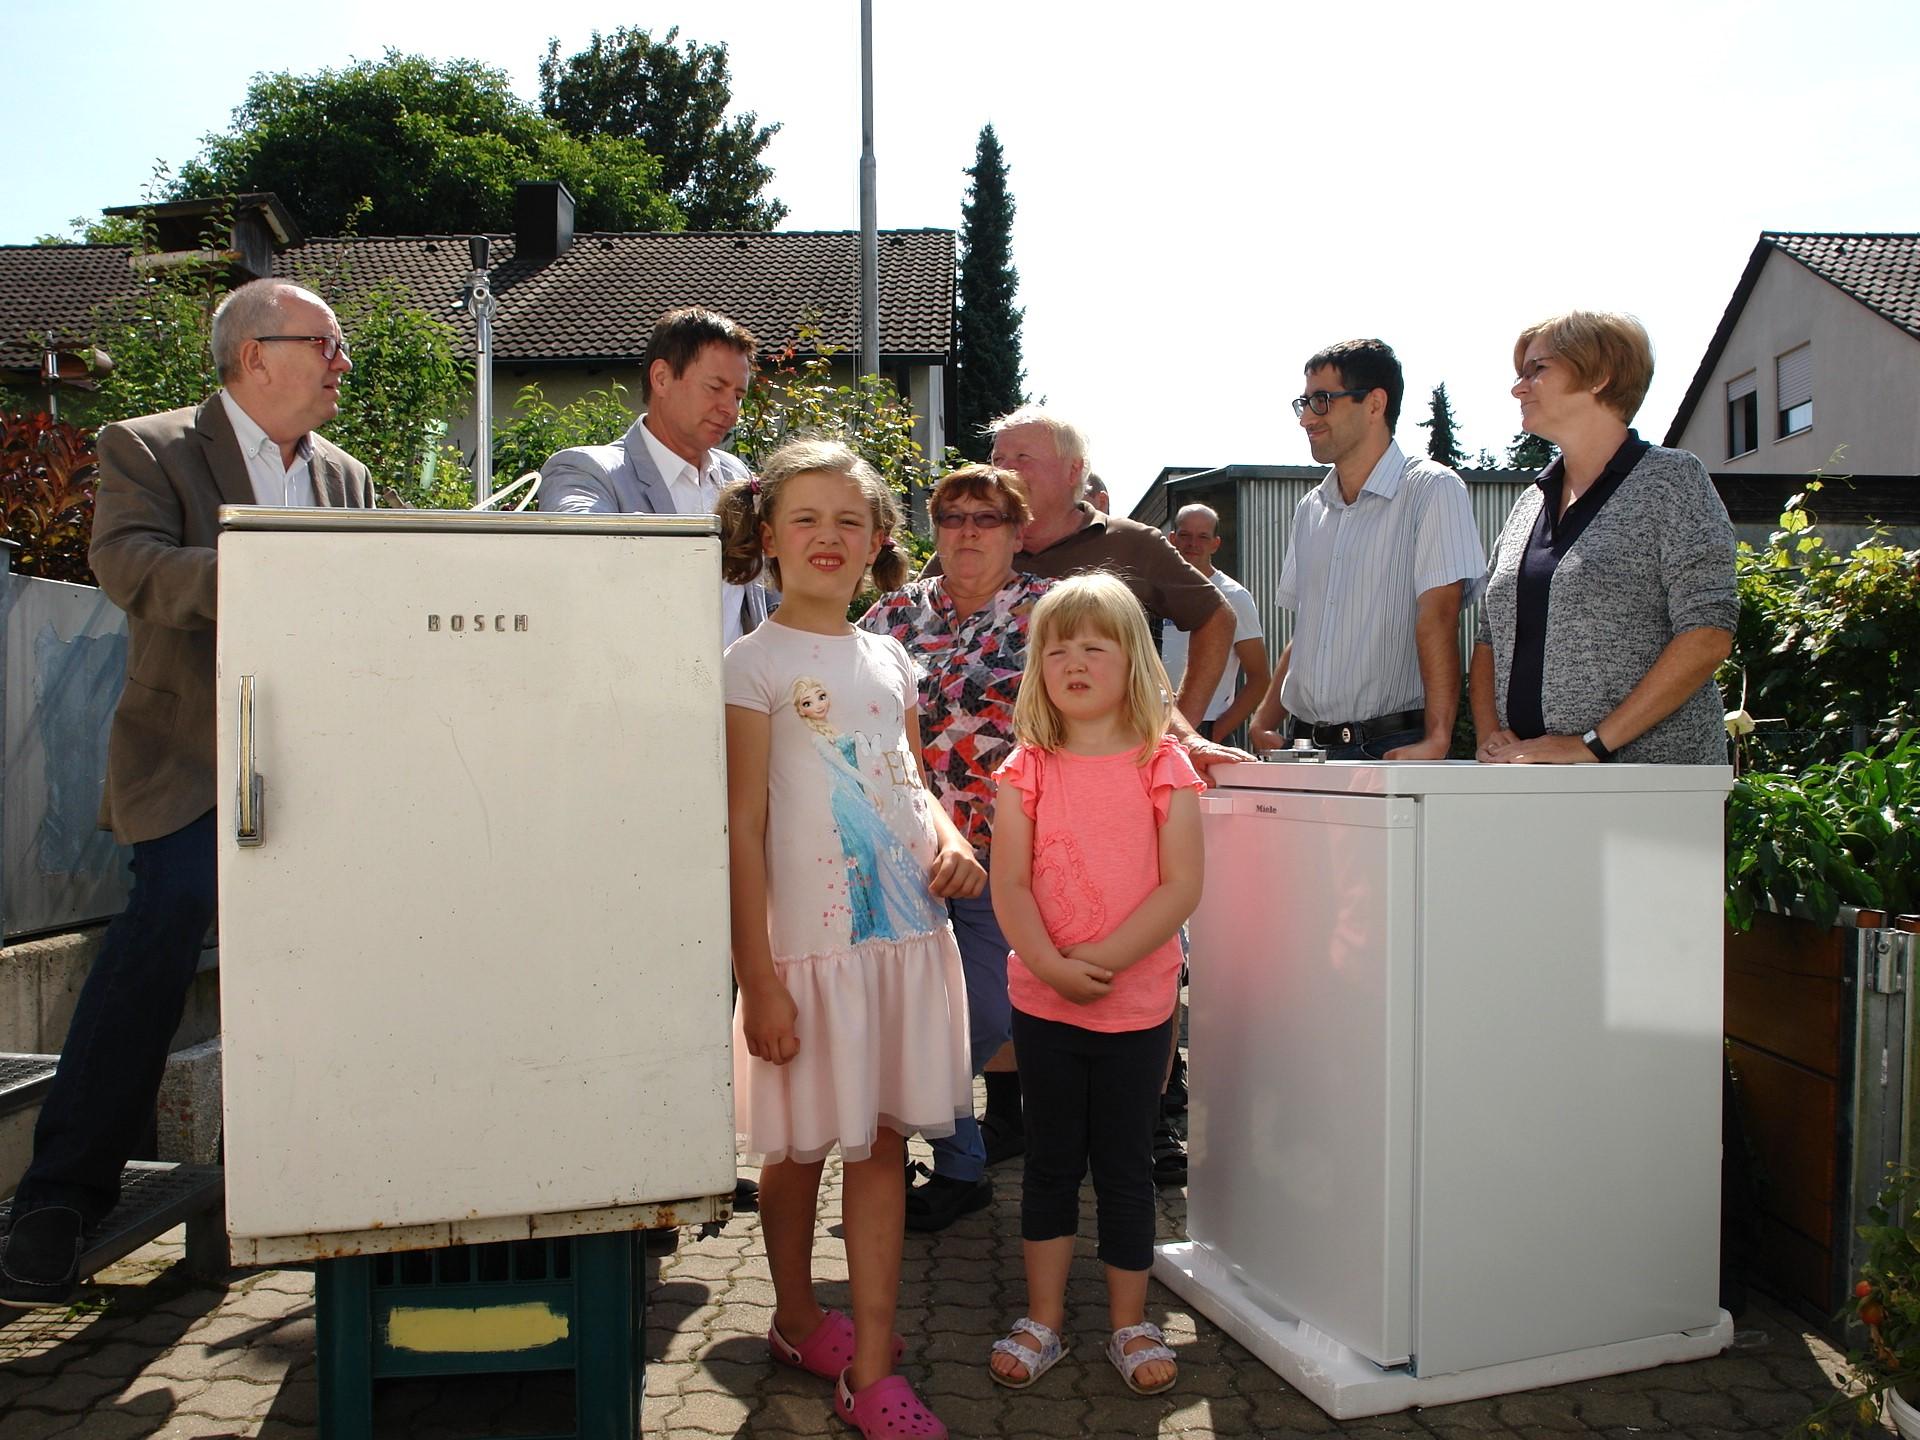 Bosch Kühlschrank Rot : Ältester kühlschrank bürgerhaus neumarkt